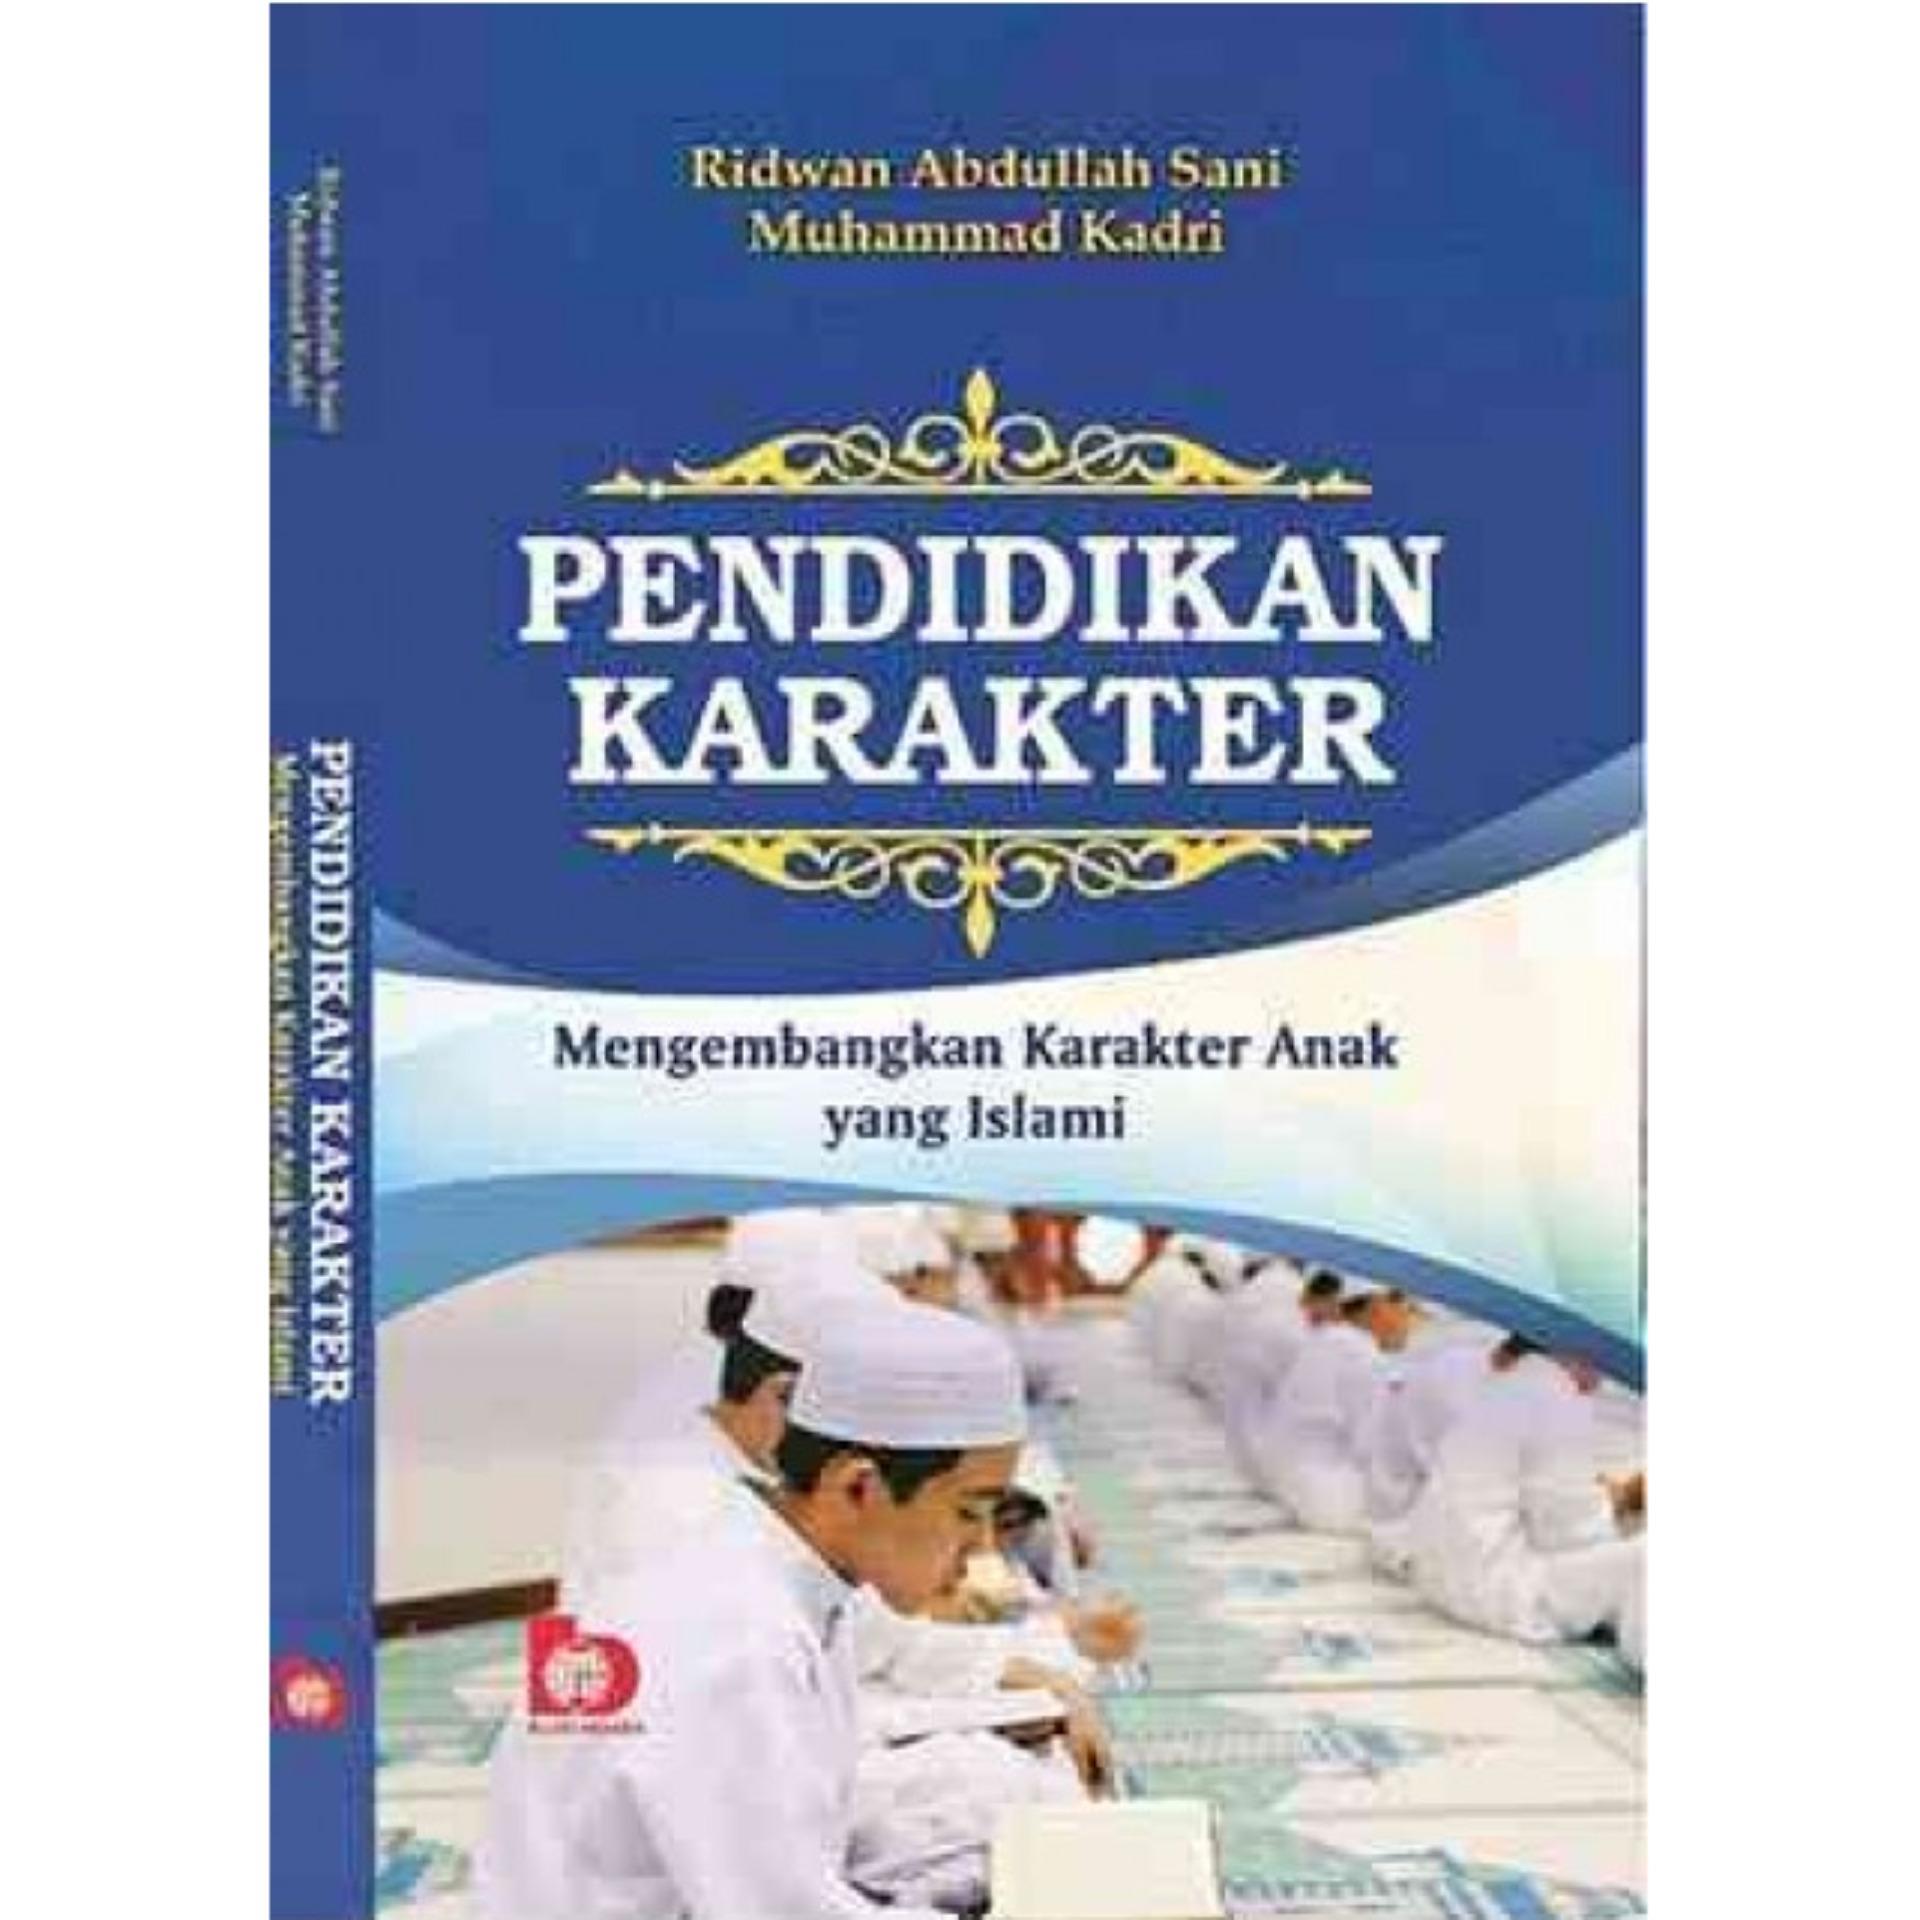 Buku Pendidikan Karakter Islam - Ridwan Abdullah Sani dan Muhammad Kadri .